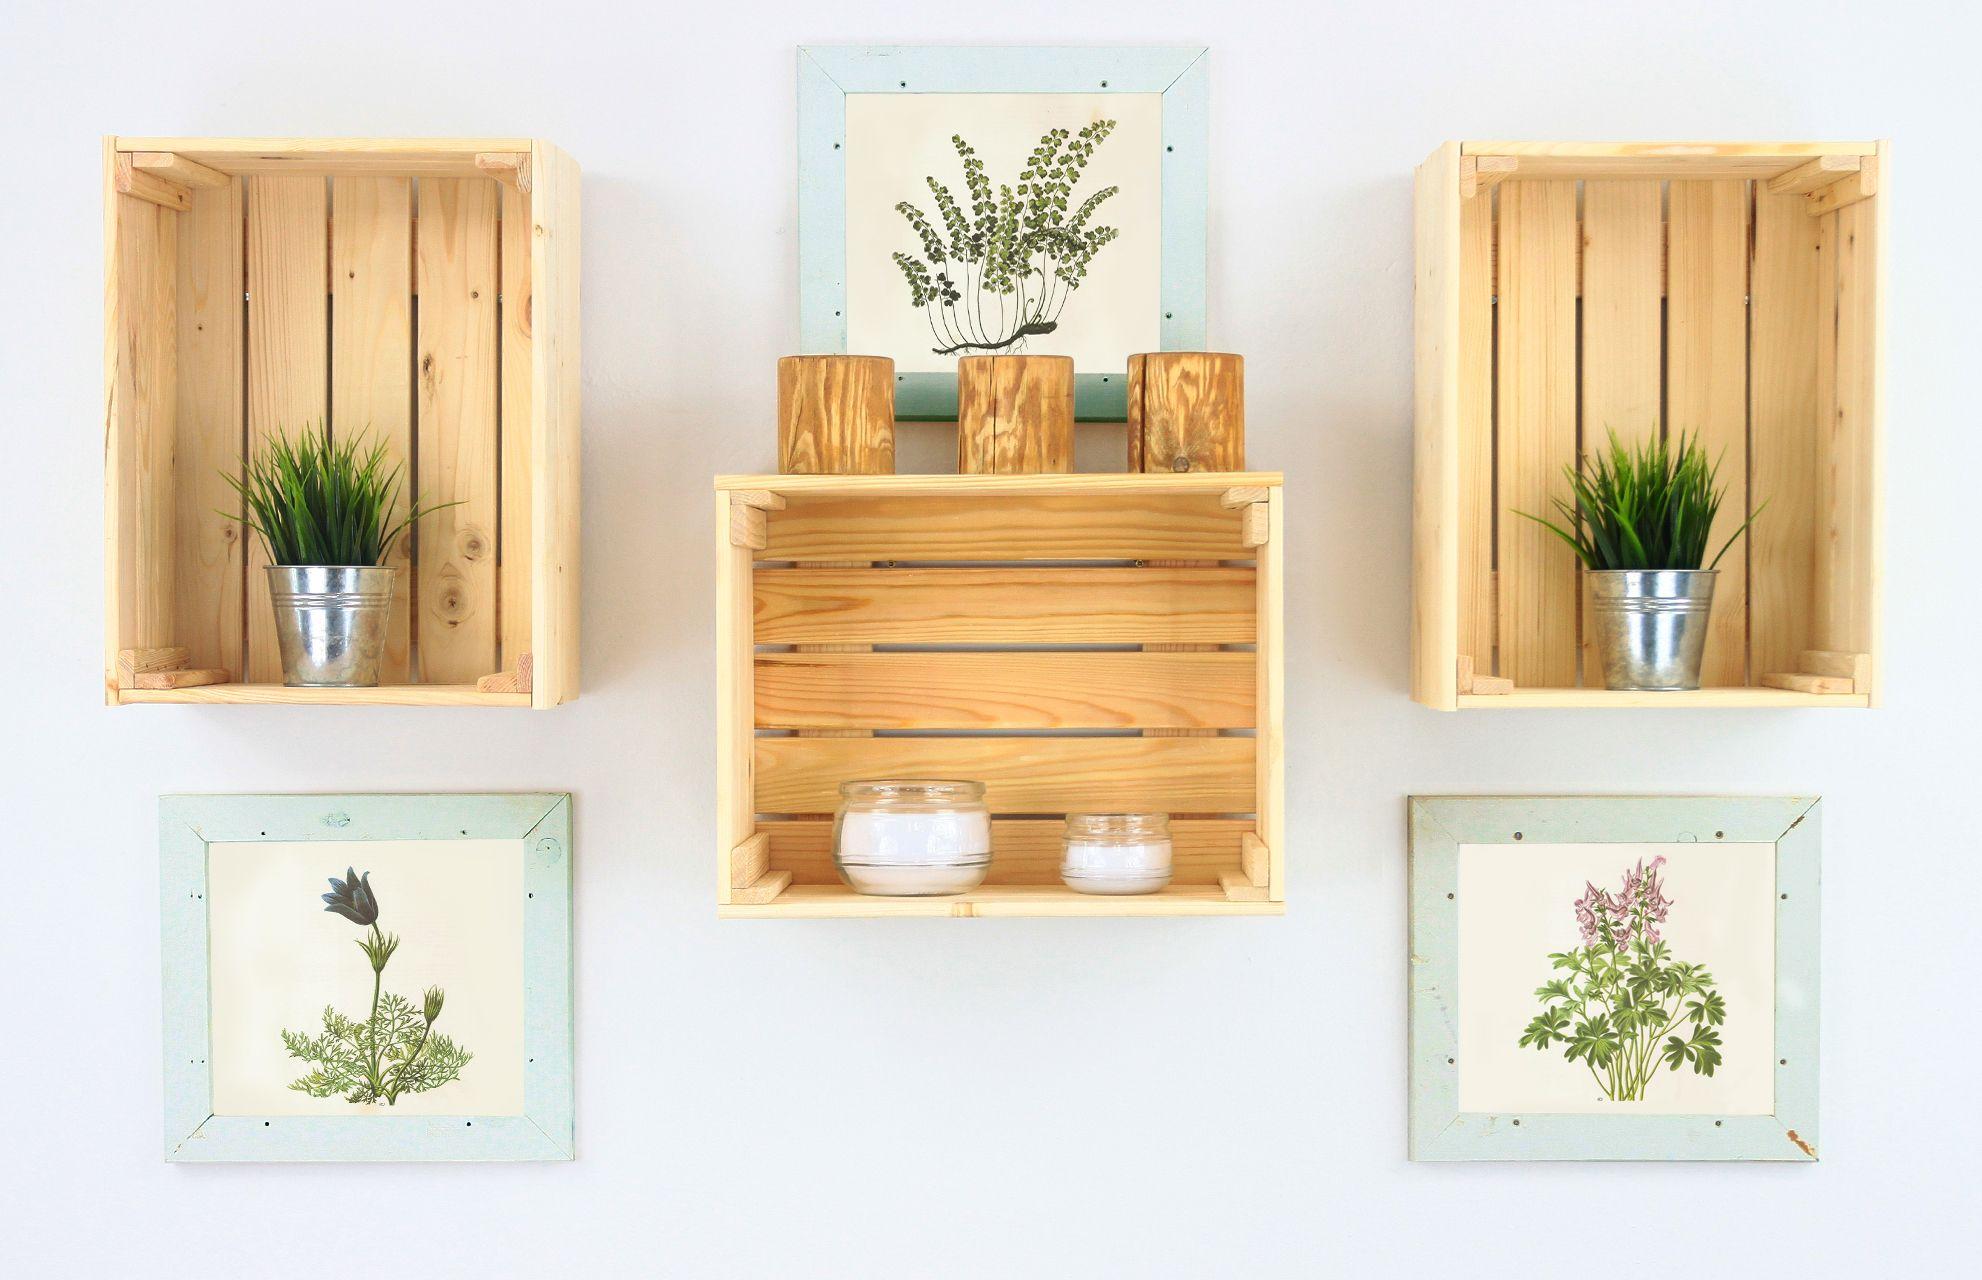 Skrzynka Drewniana B 38 Ozdobna Surowa Skrzynia 6495441847 Oficjalne Archiwum Allegro Floating Shelves Decor Home Decor